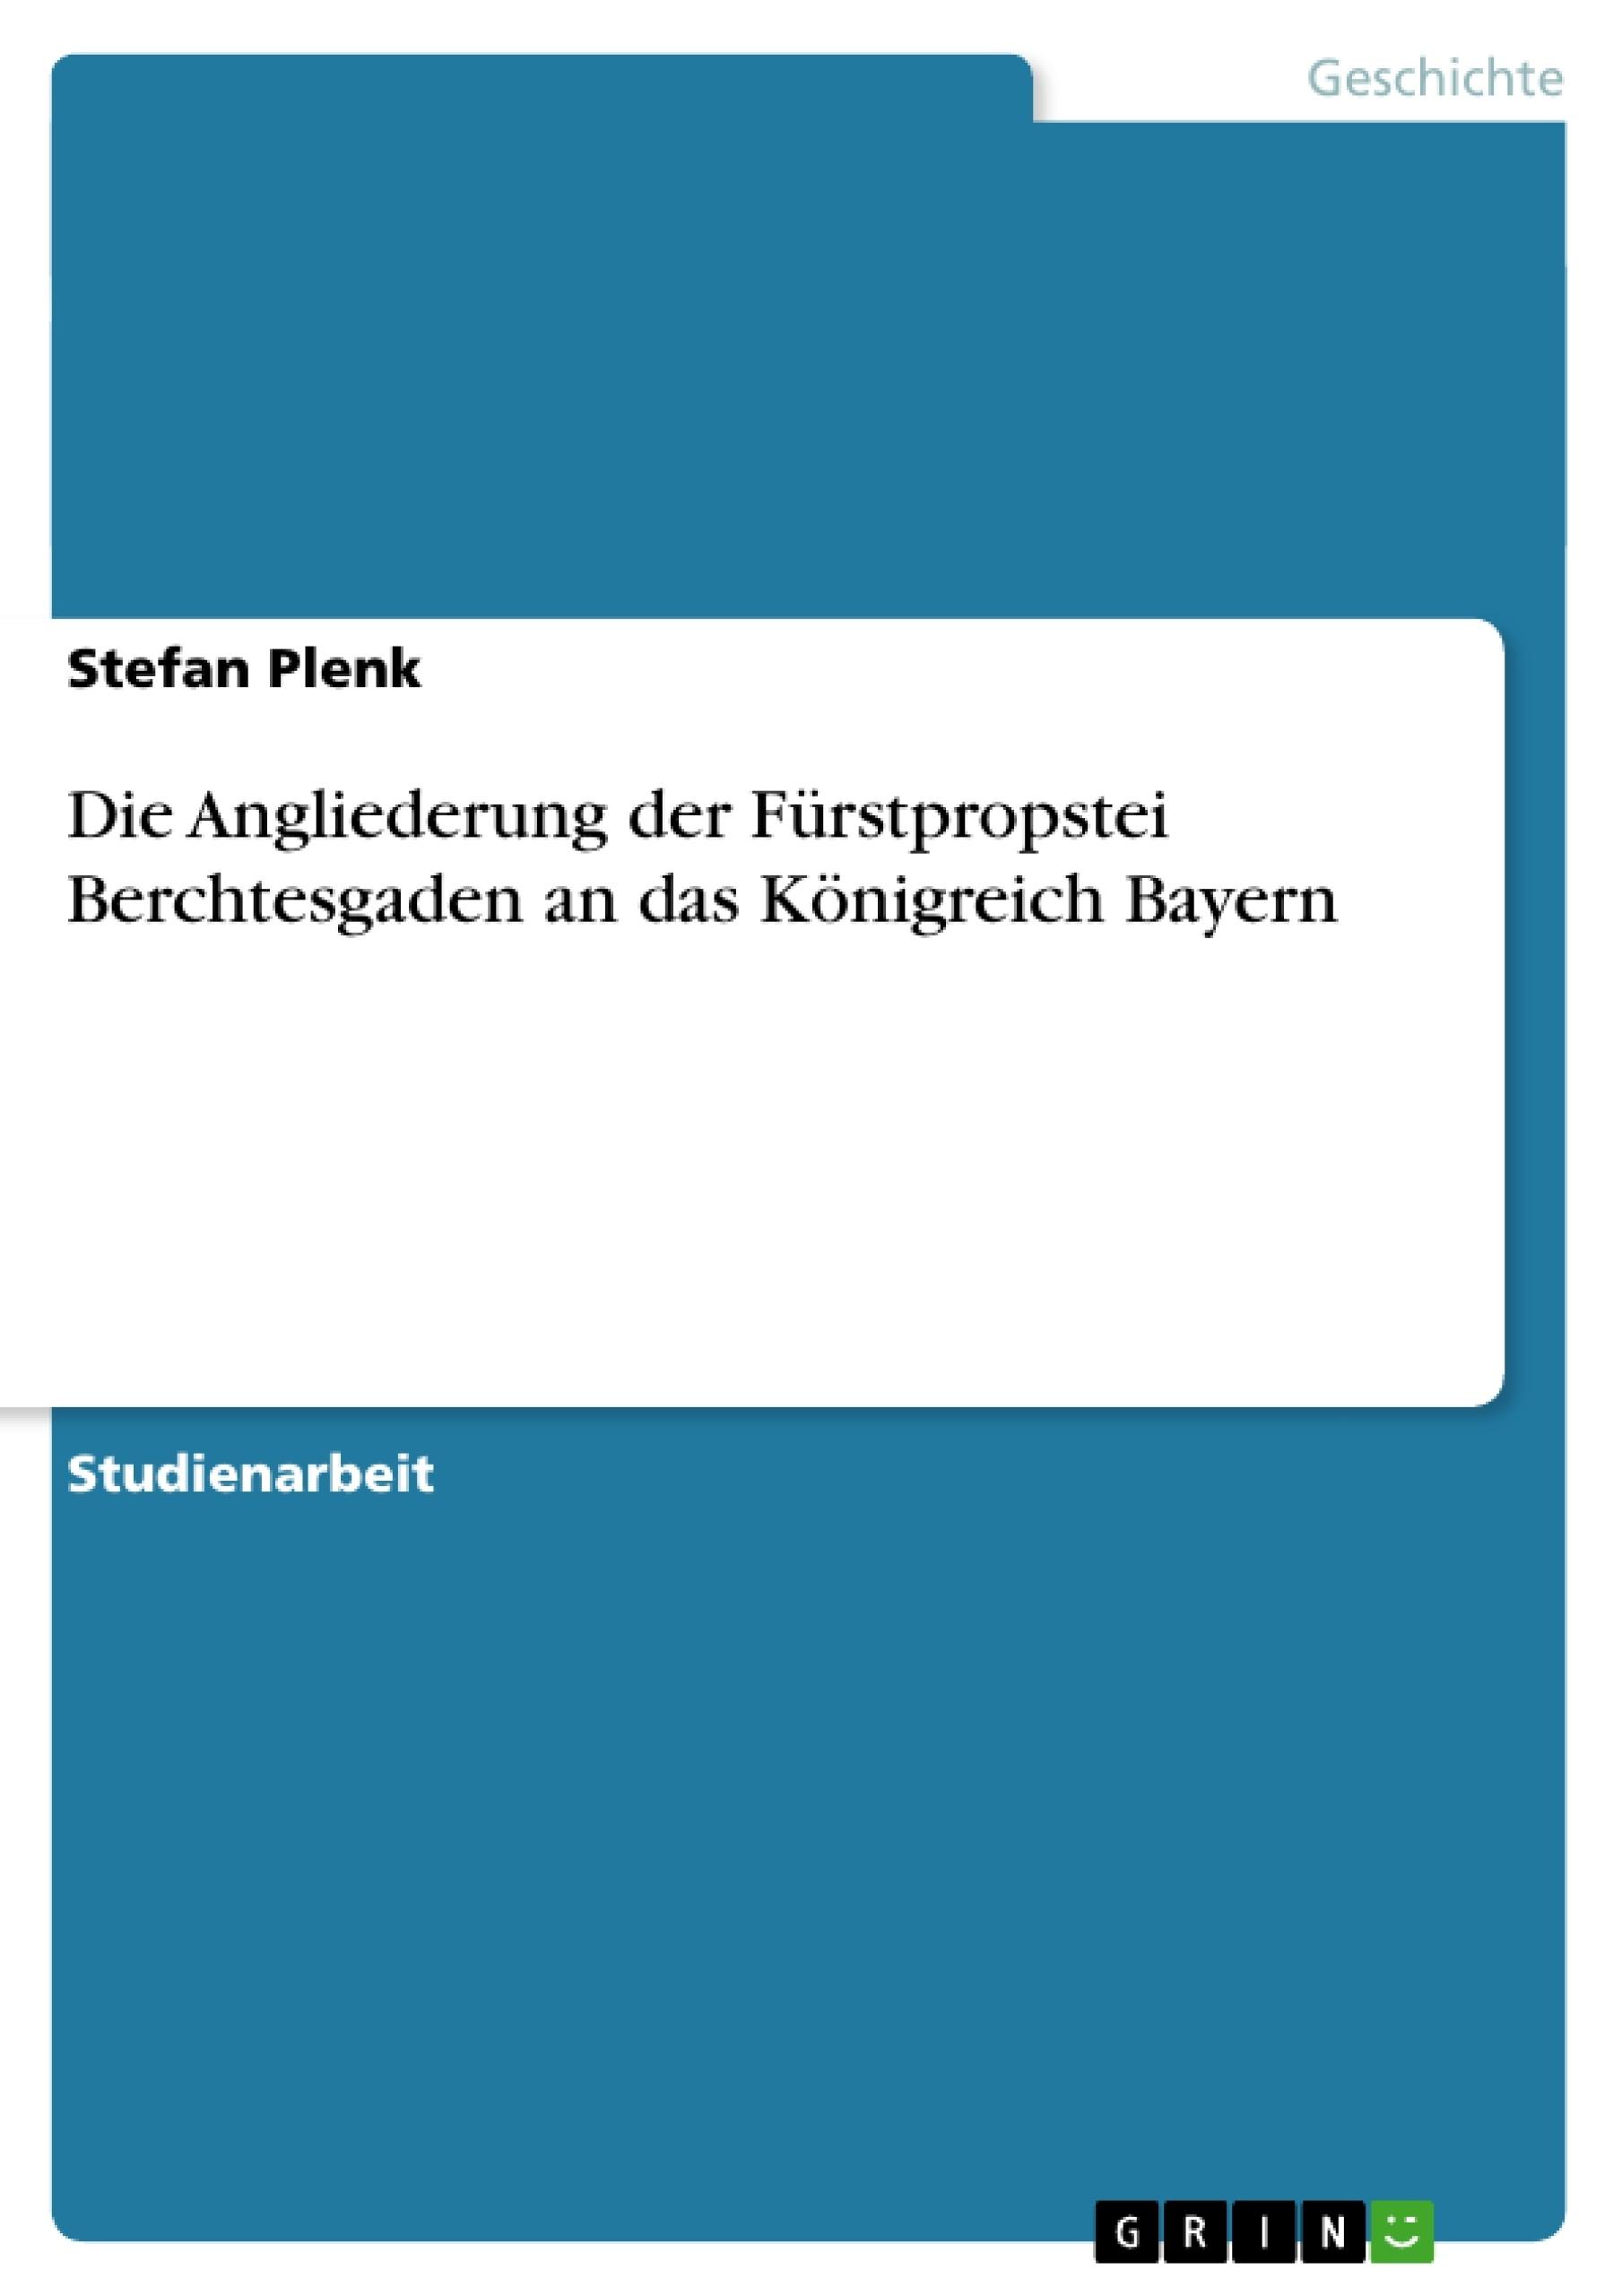 Titel: Die Angliederung der Fürstpropstei Berchtesgaden an das Königreich Bayern